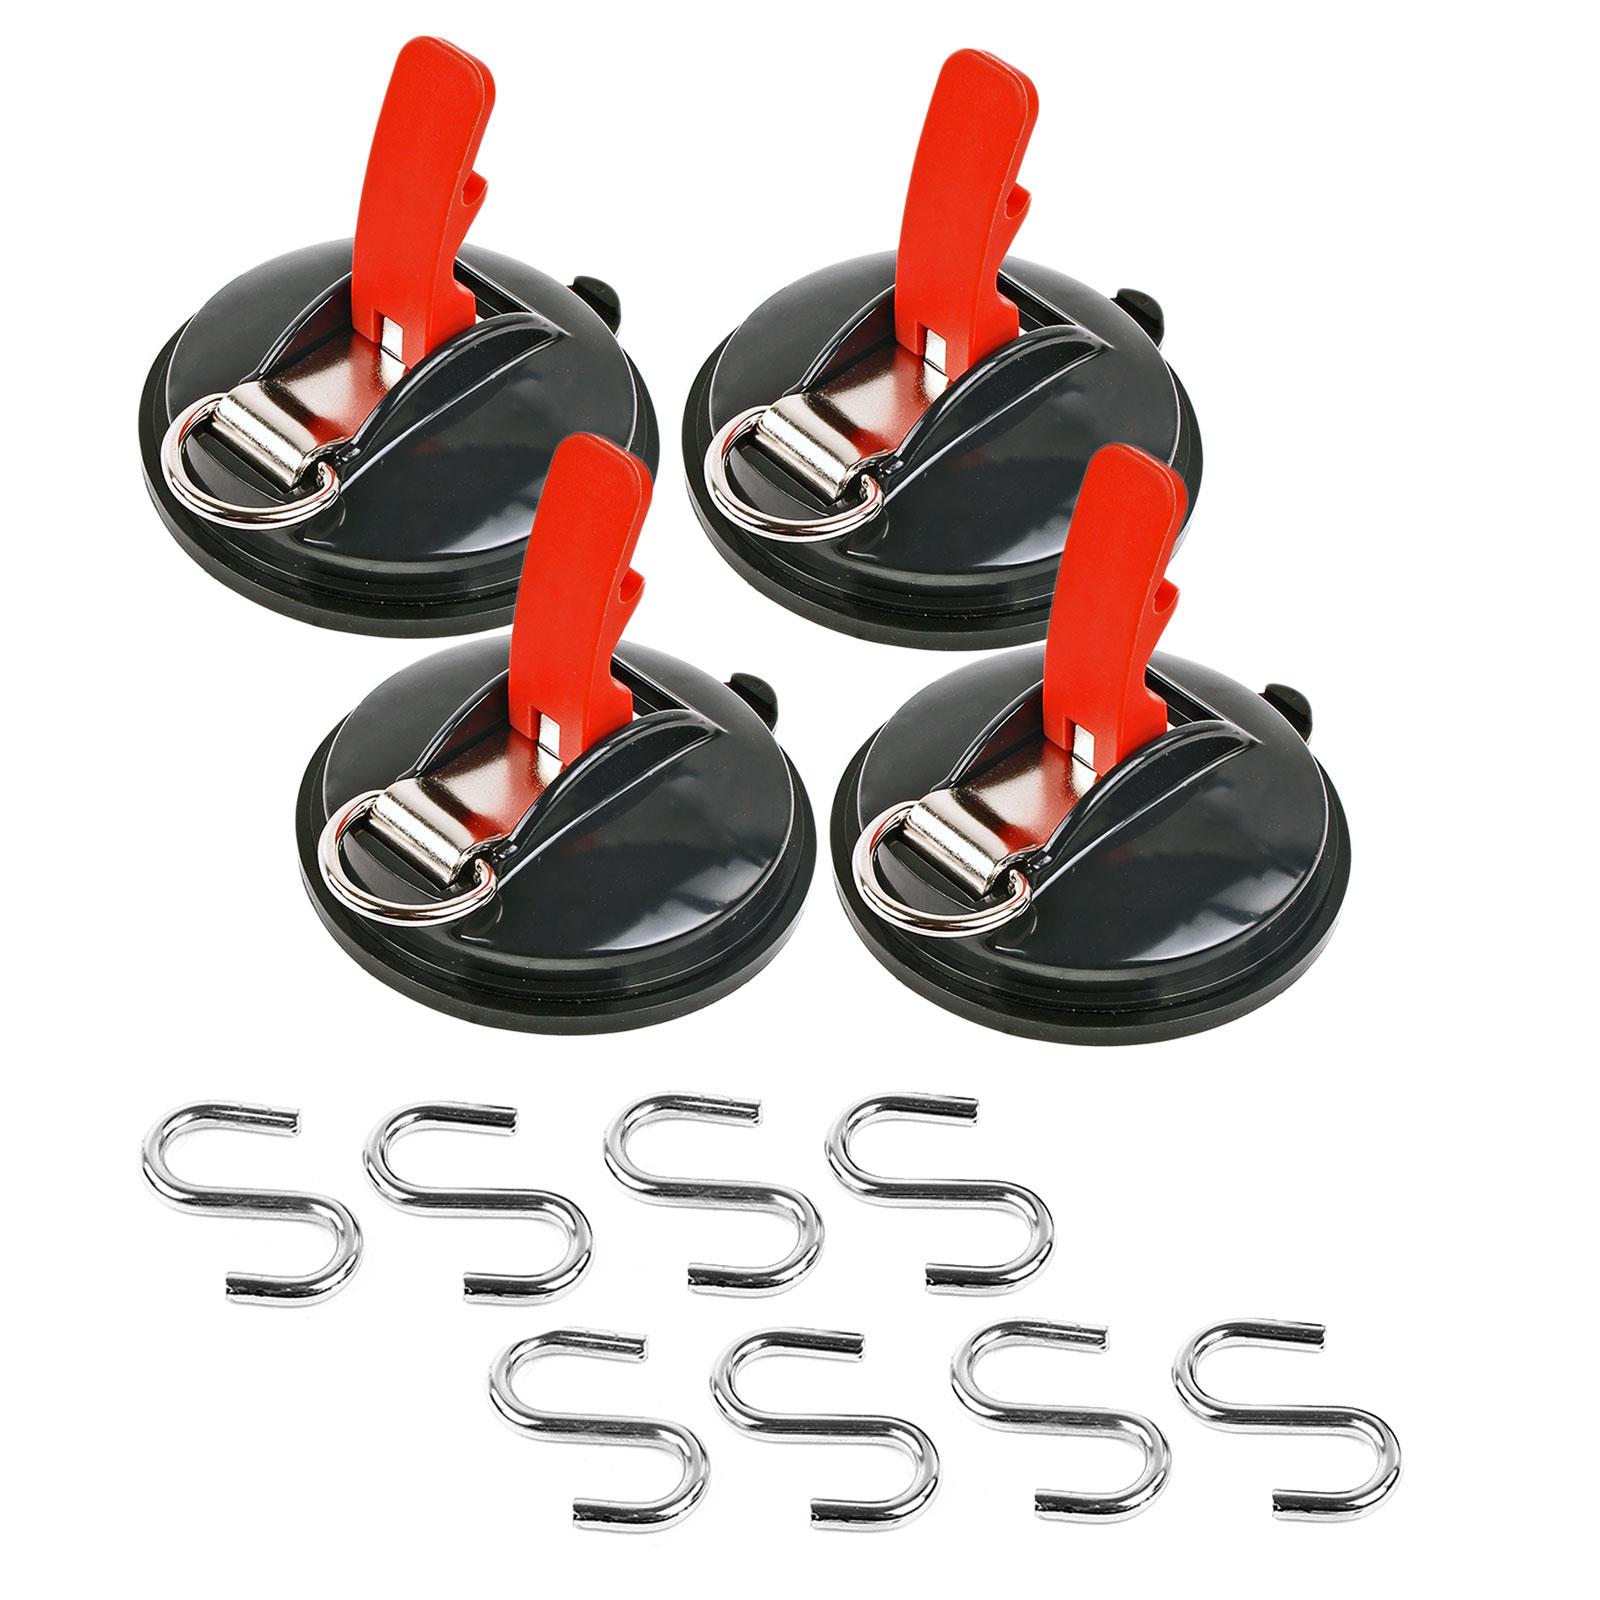 4x Saugnapf Befestigung mit Ring & 2 S-Haken 10 Kg Tragkraft Klappsauger